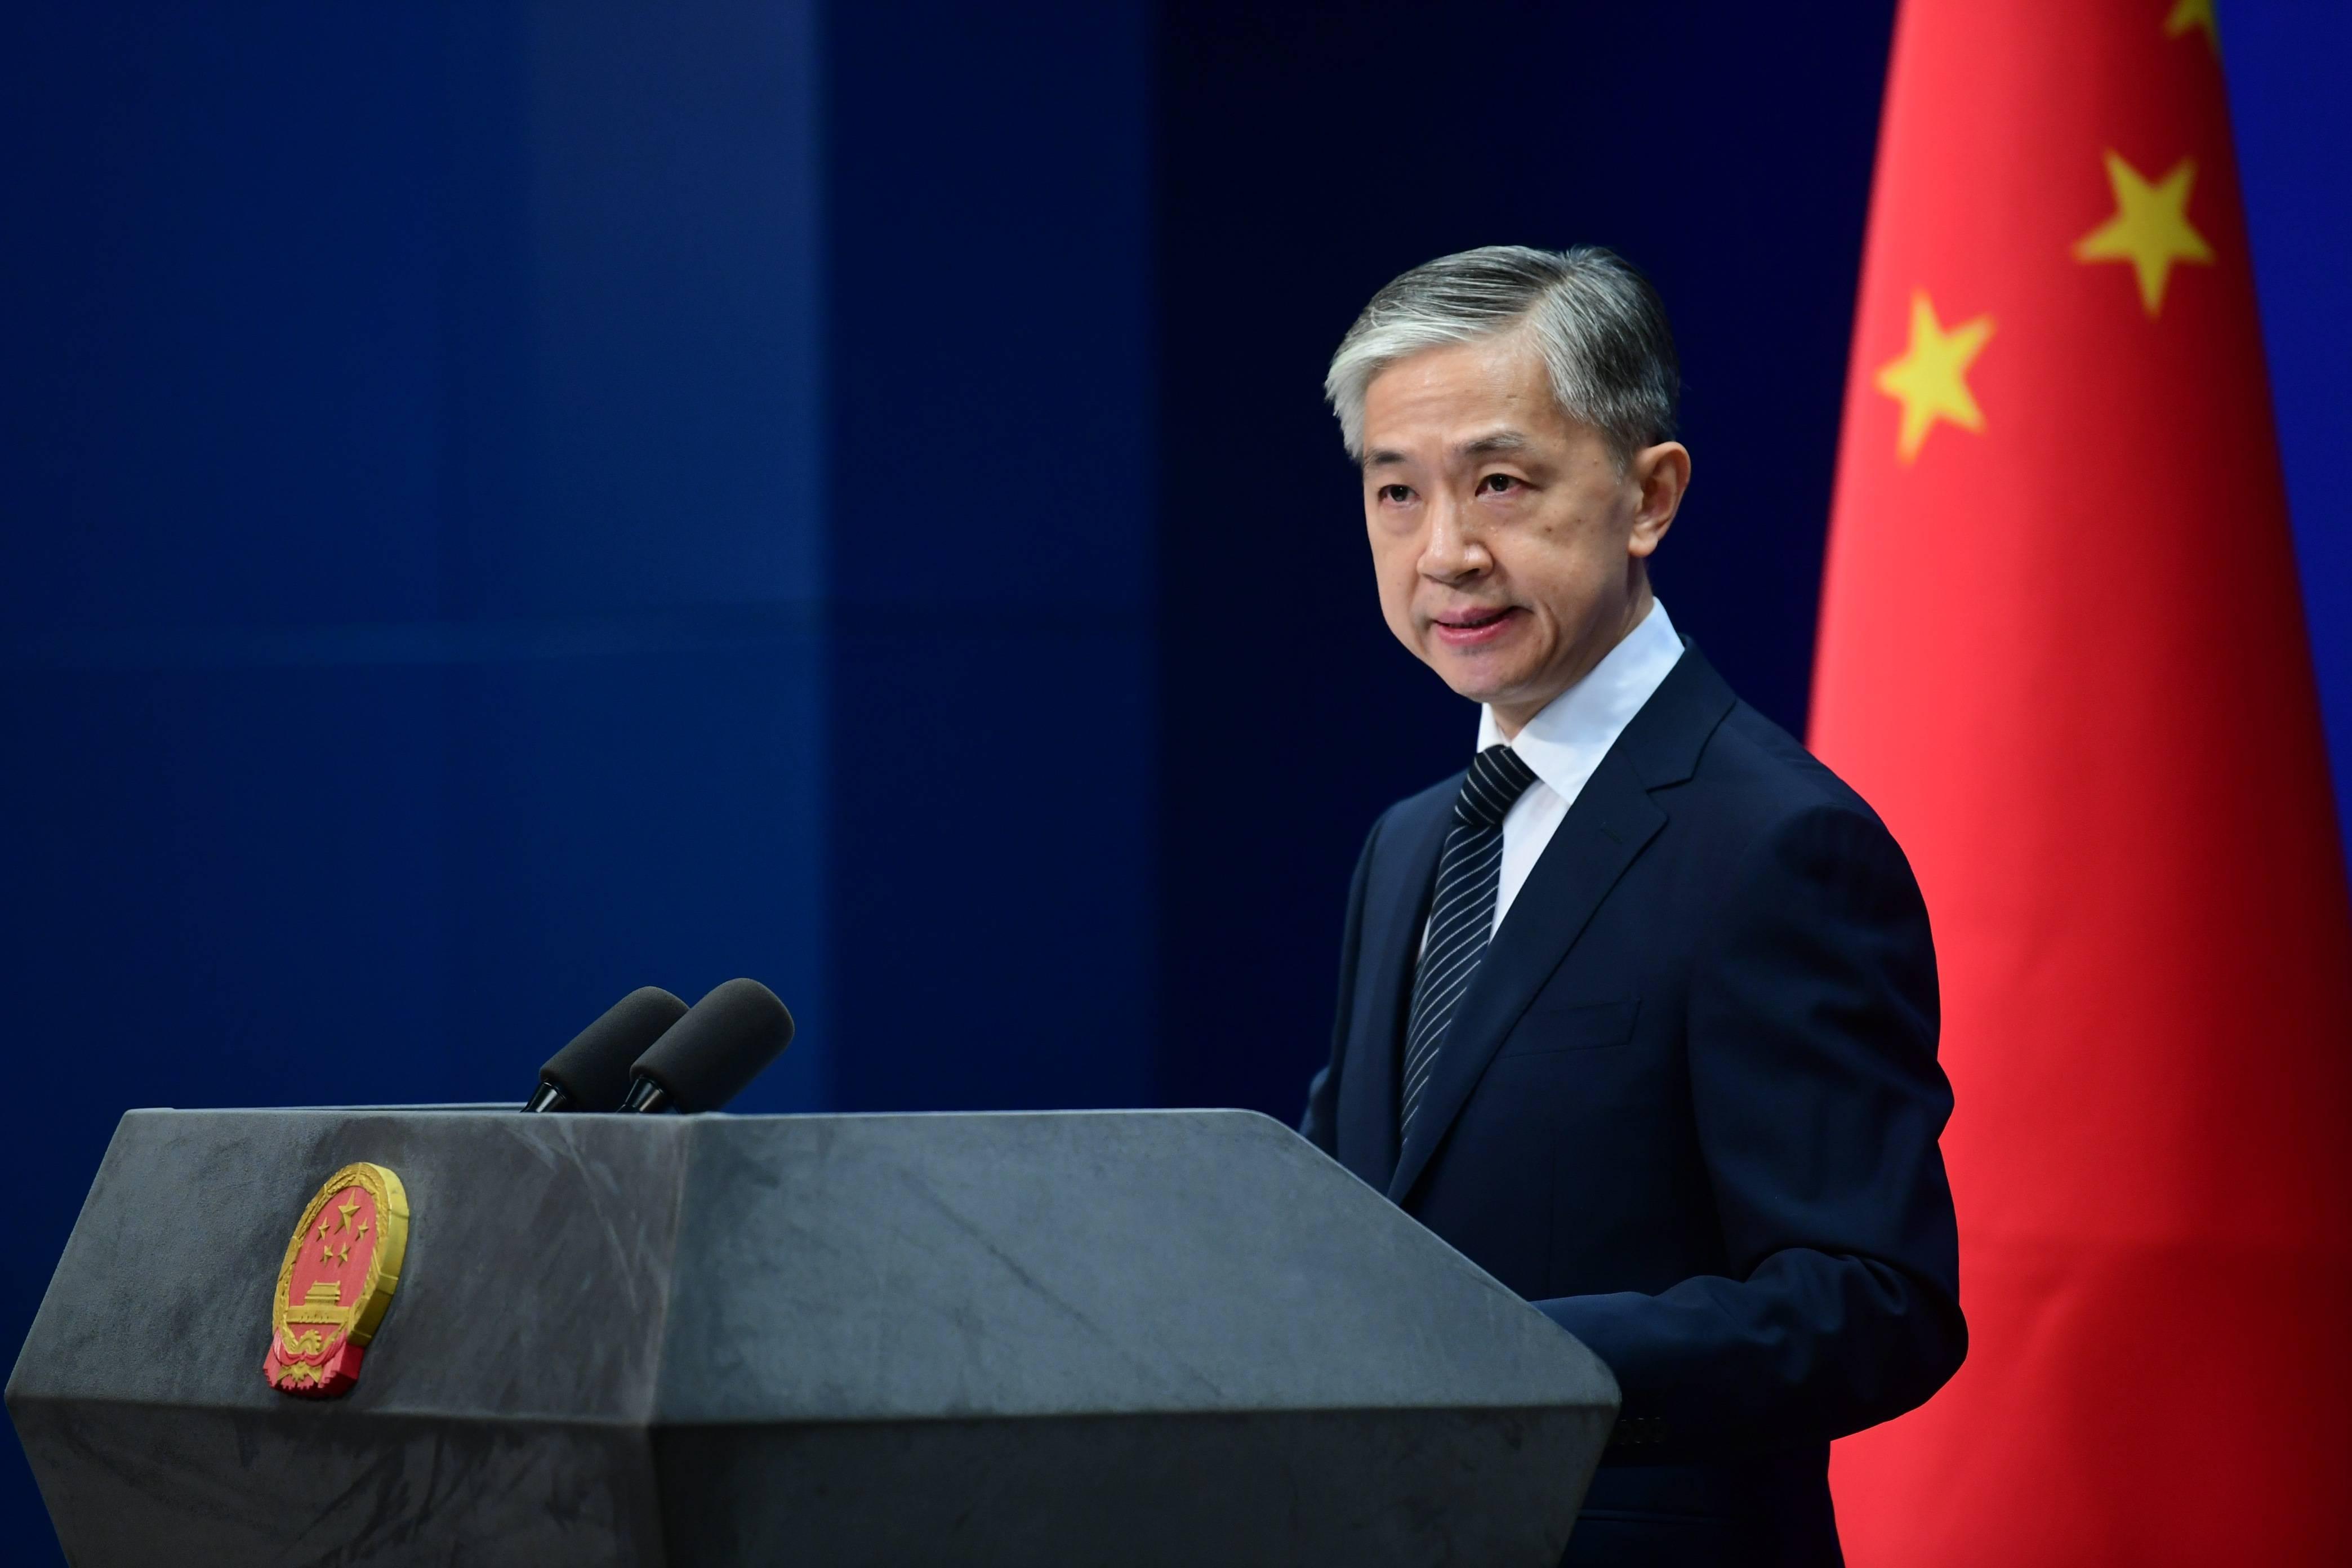 印外长称实现对华均衡的关键是让中方更重视印度,外交部回应